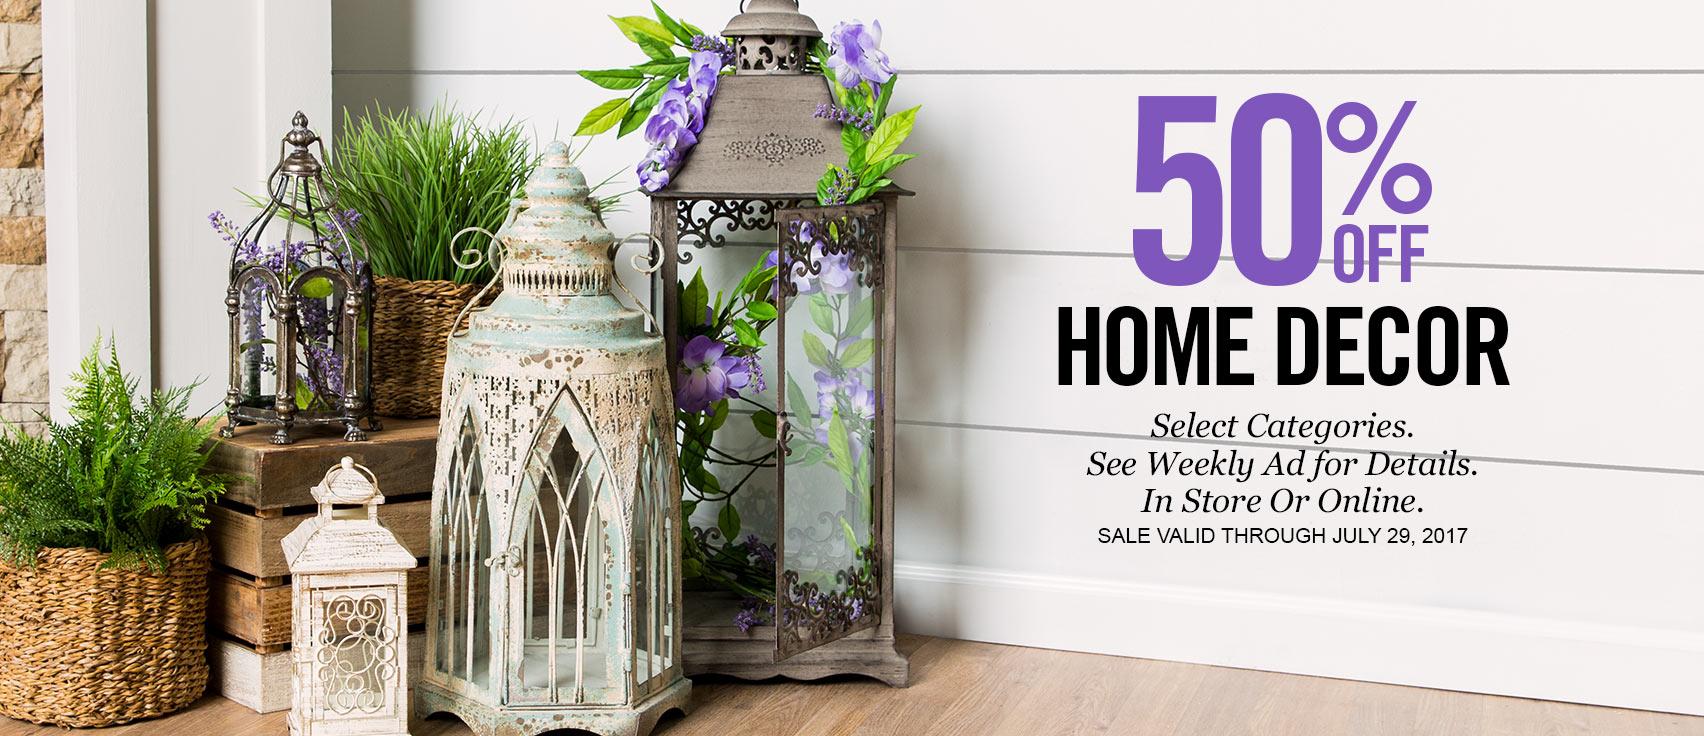 50% Off Home Decor